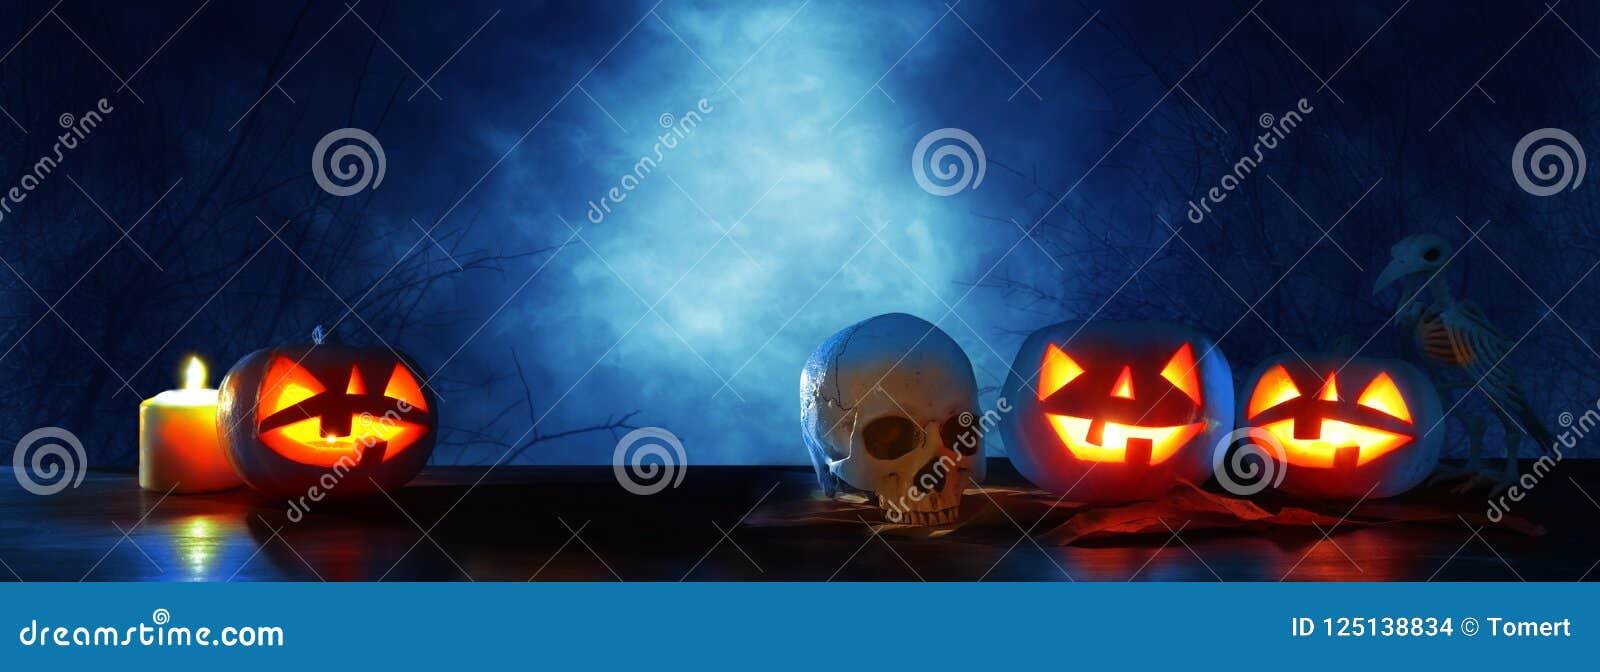 Bandeira do conceito do feriado de Dia das Bruxas Abóboras sobre a tabela de madeira na floresta assustador, assombrada e enevoad